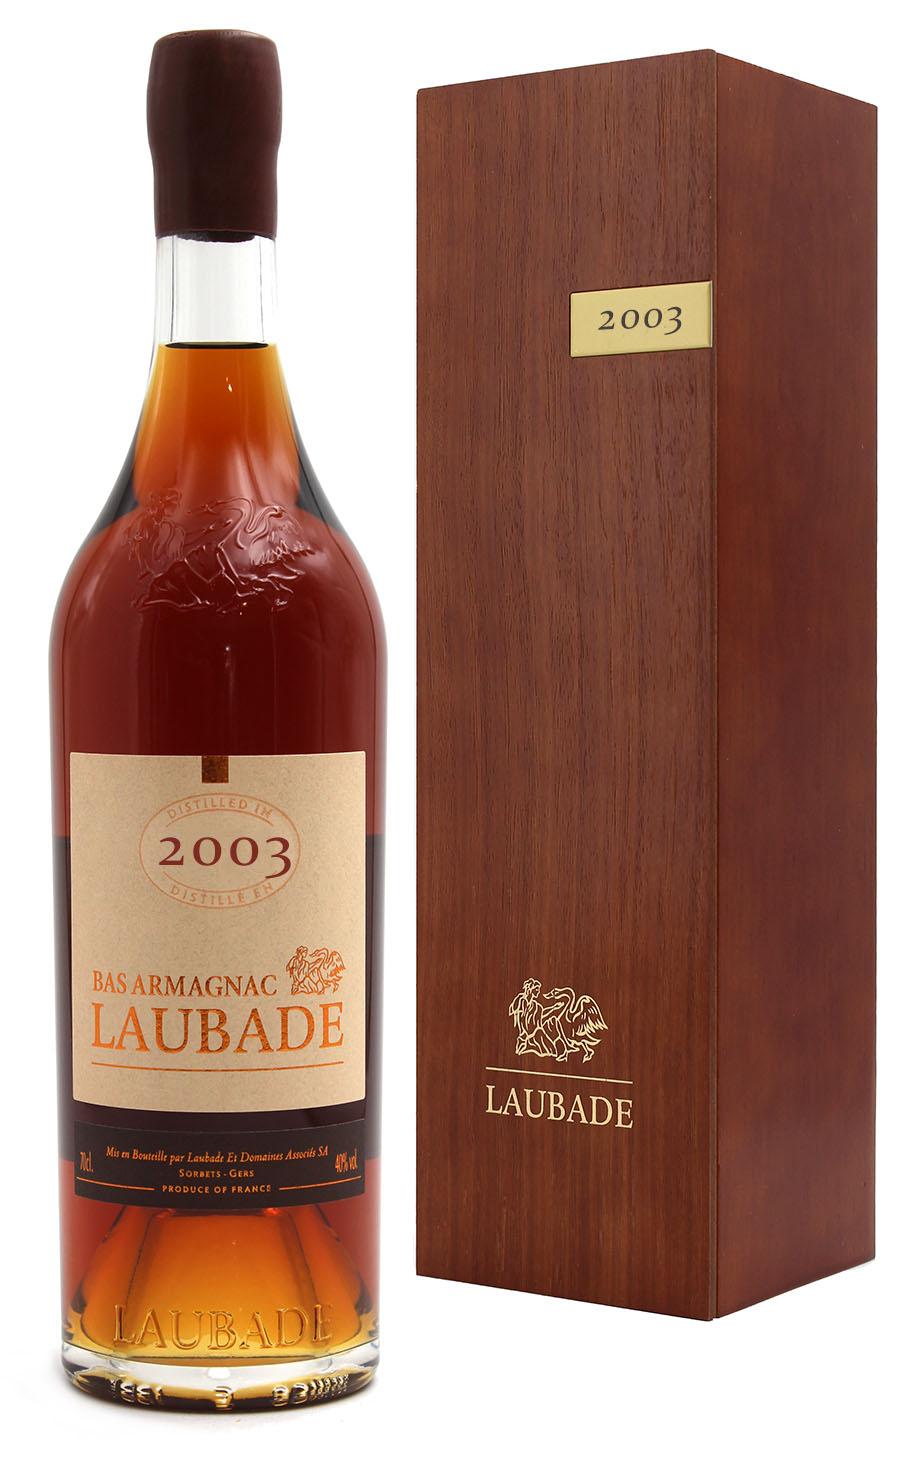 Bas Armagnac Laubade 2003 - 70cl